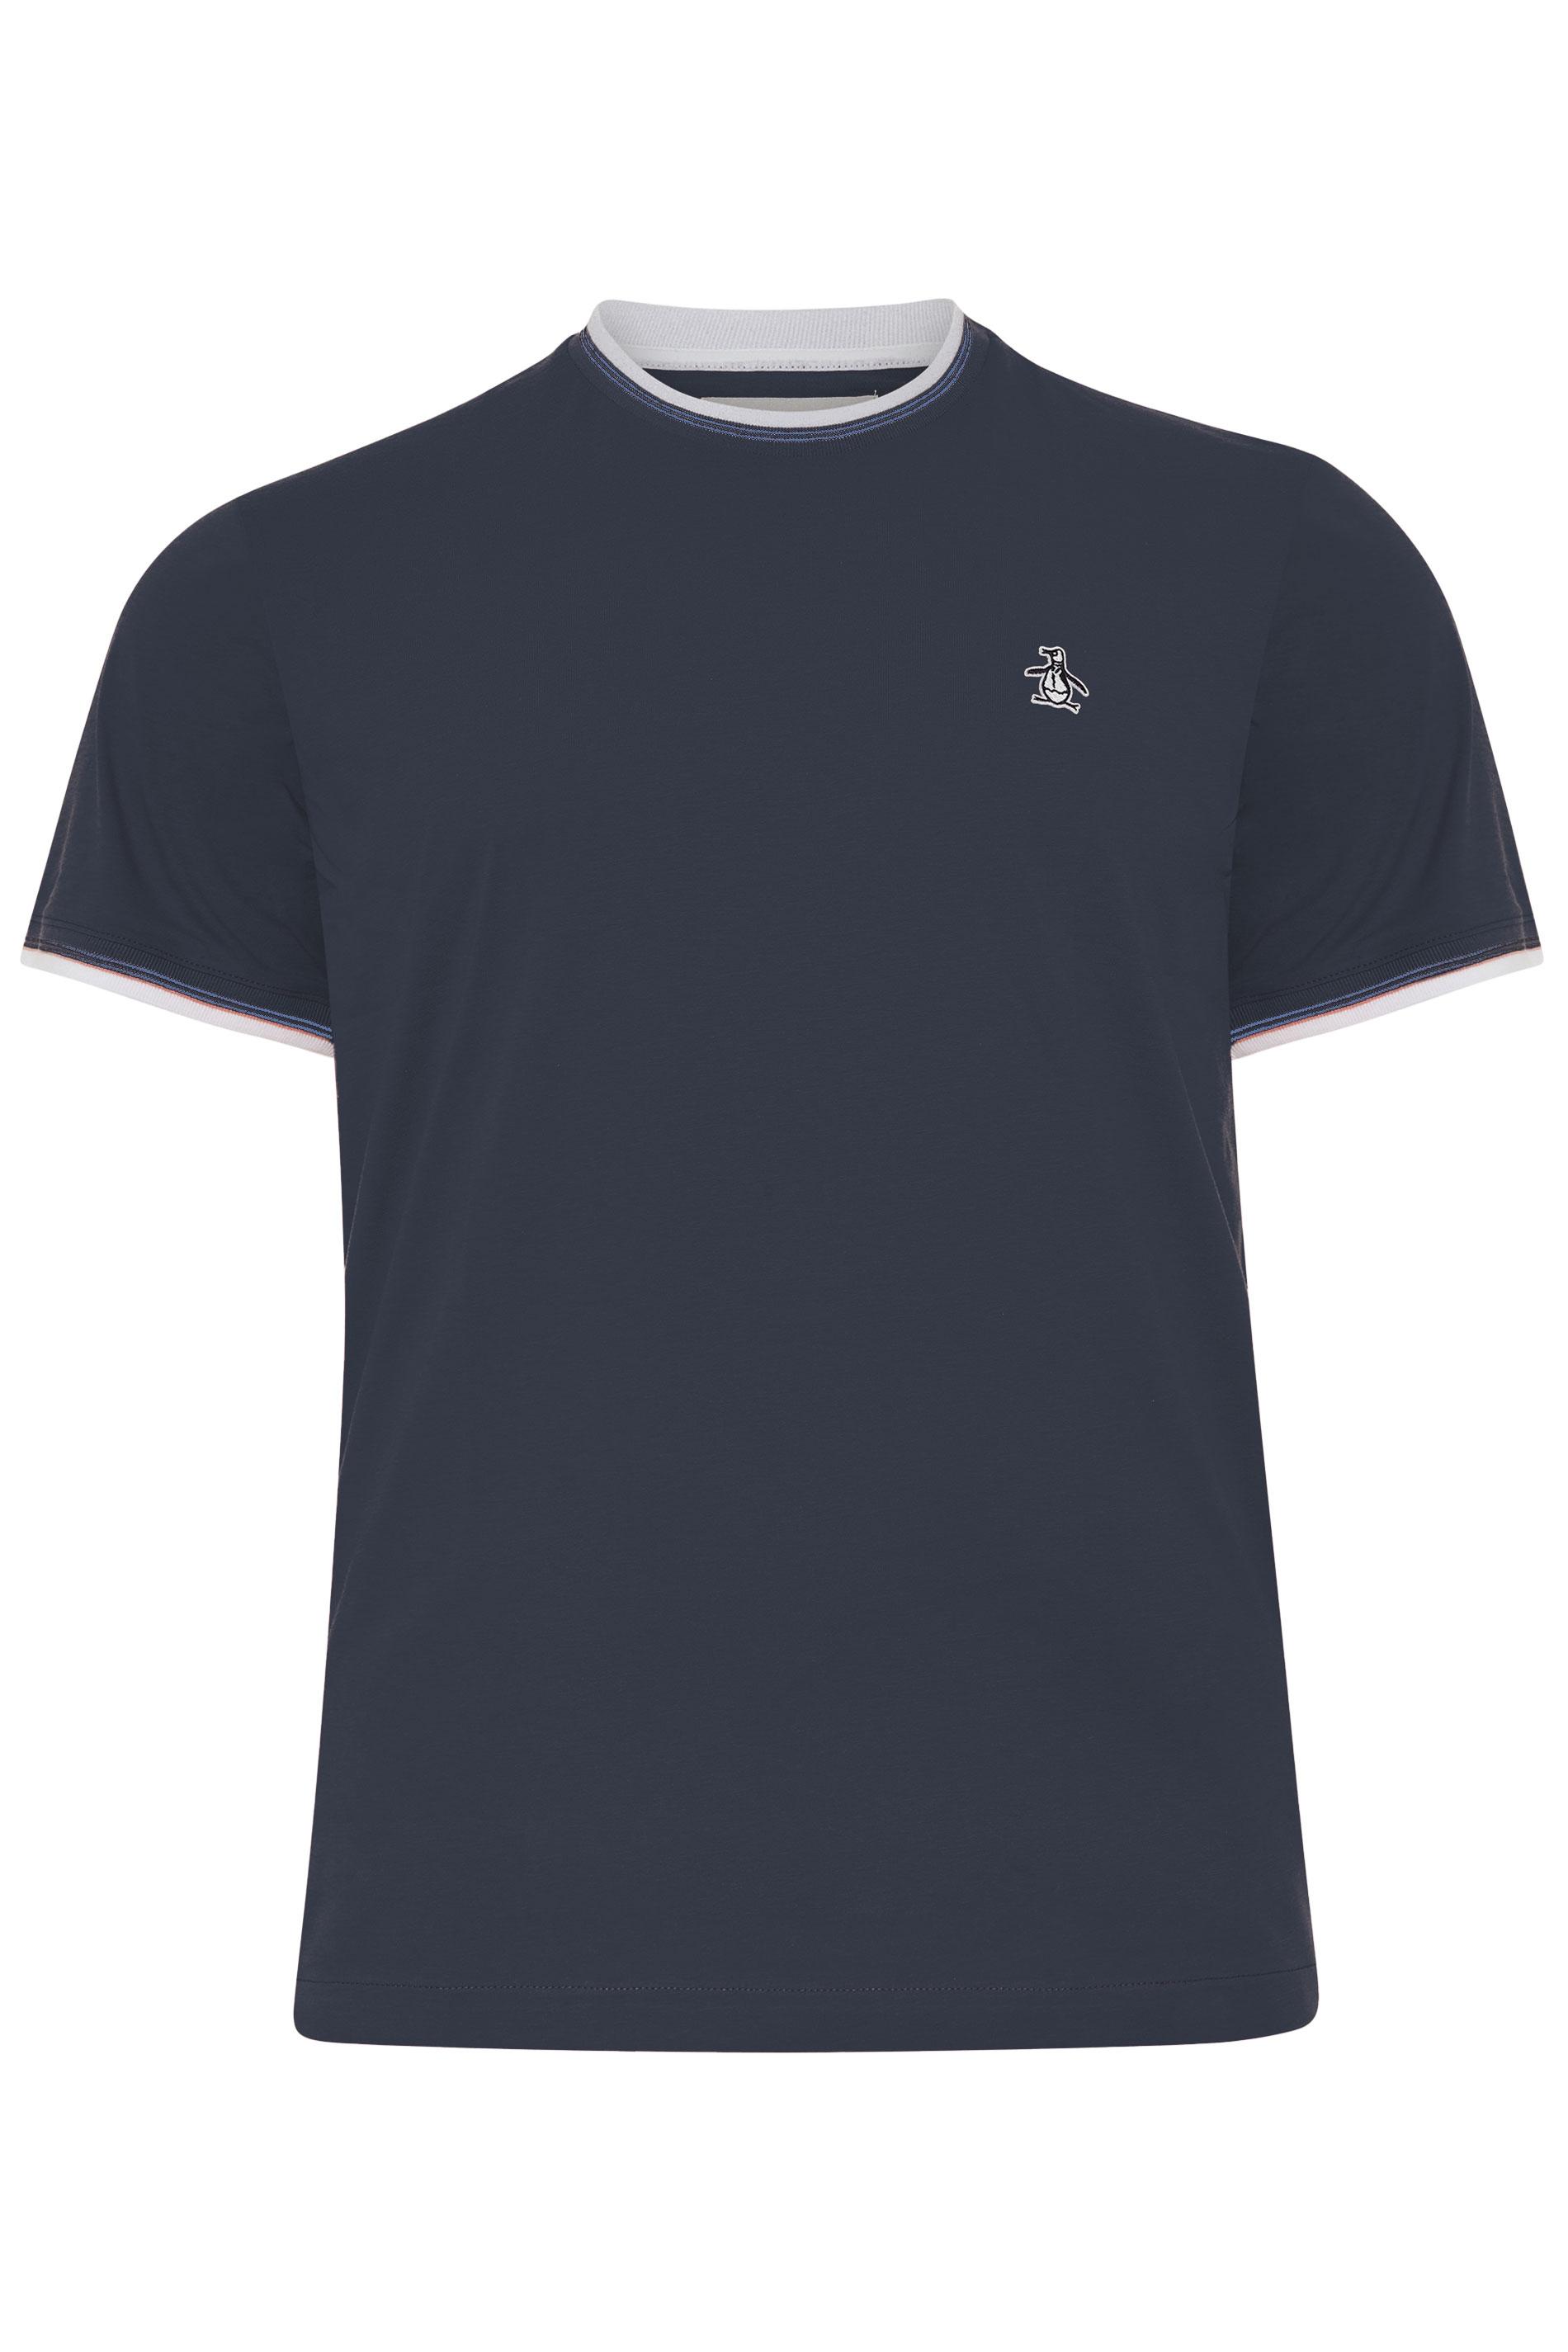 PENGUIN MUNSINGWEAR Navy Contrast Ringer T-Shirt_F.jpg